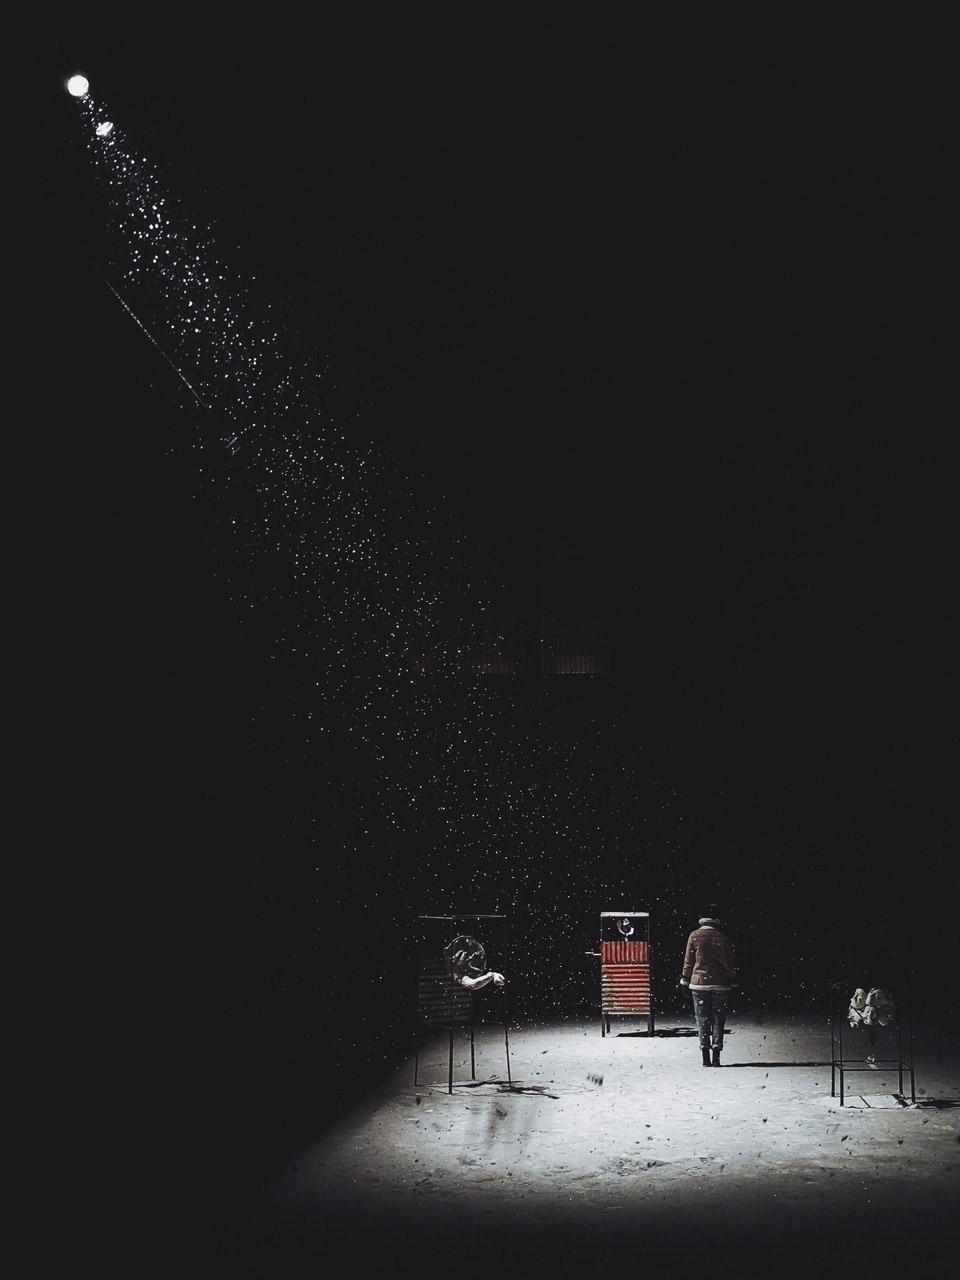 Оказавшись в луче света, © Wes. MW, Гран-при, Конкурс мобильной фотографии Huawei Next-Image